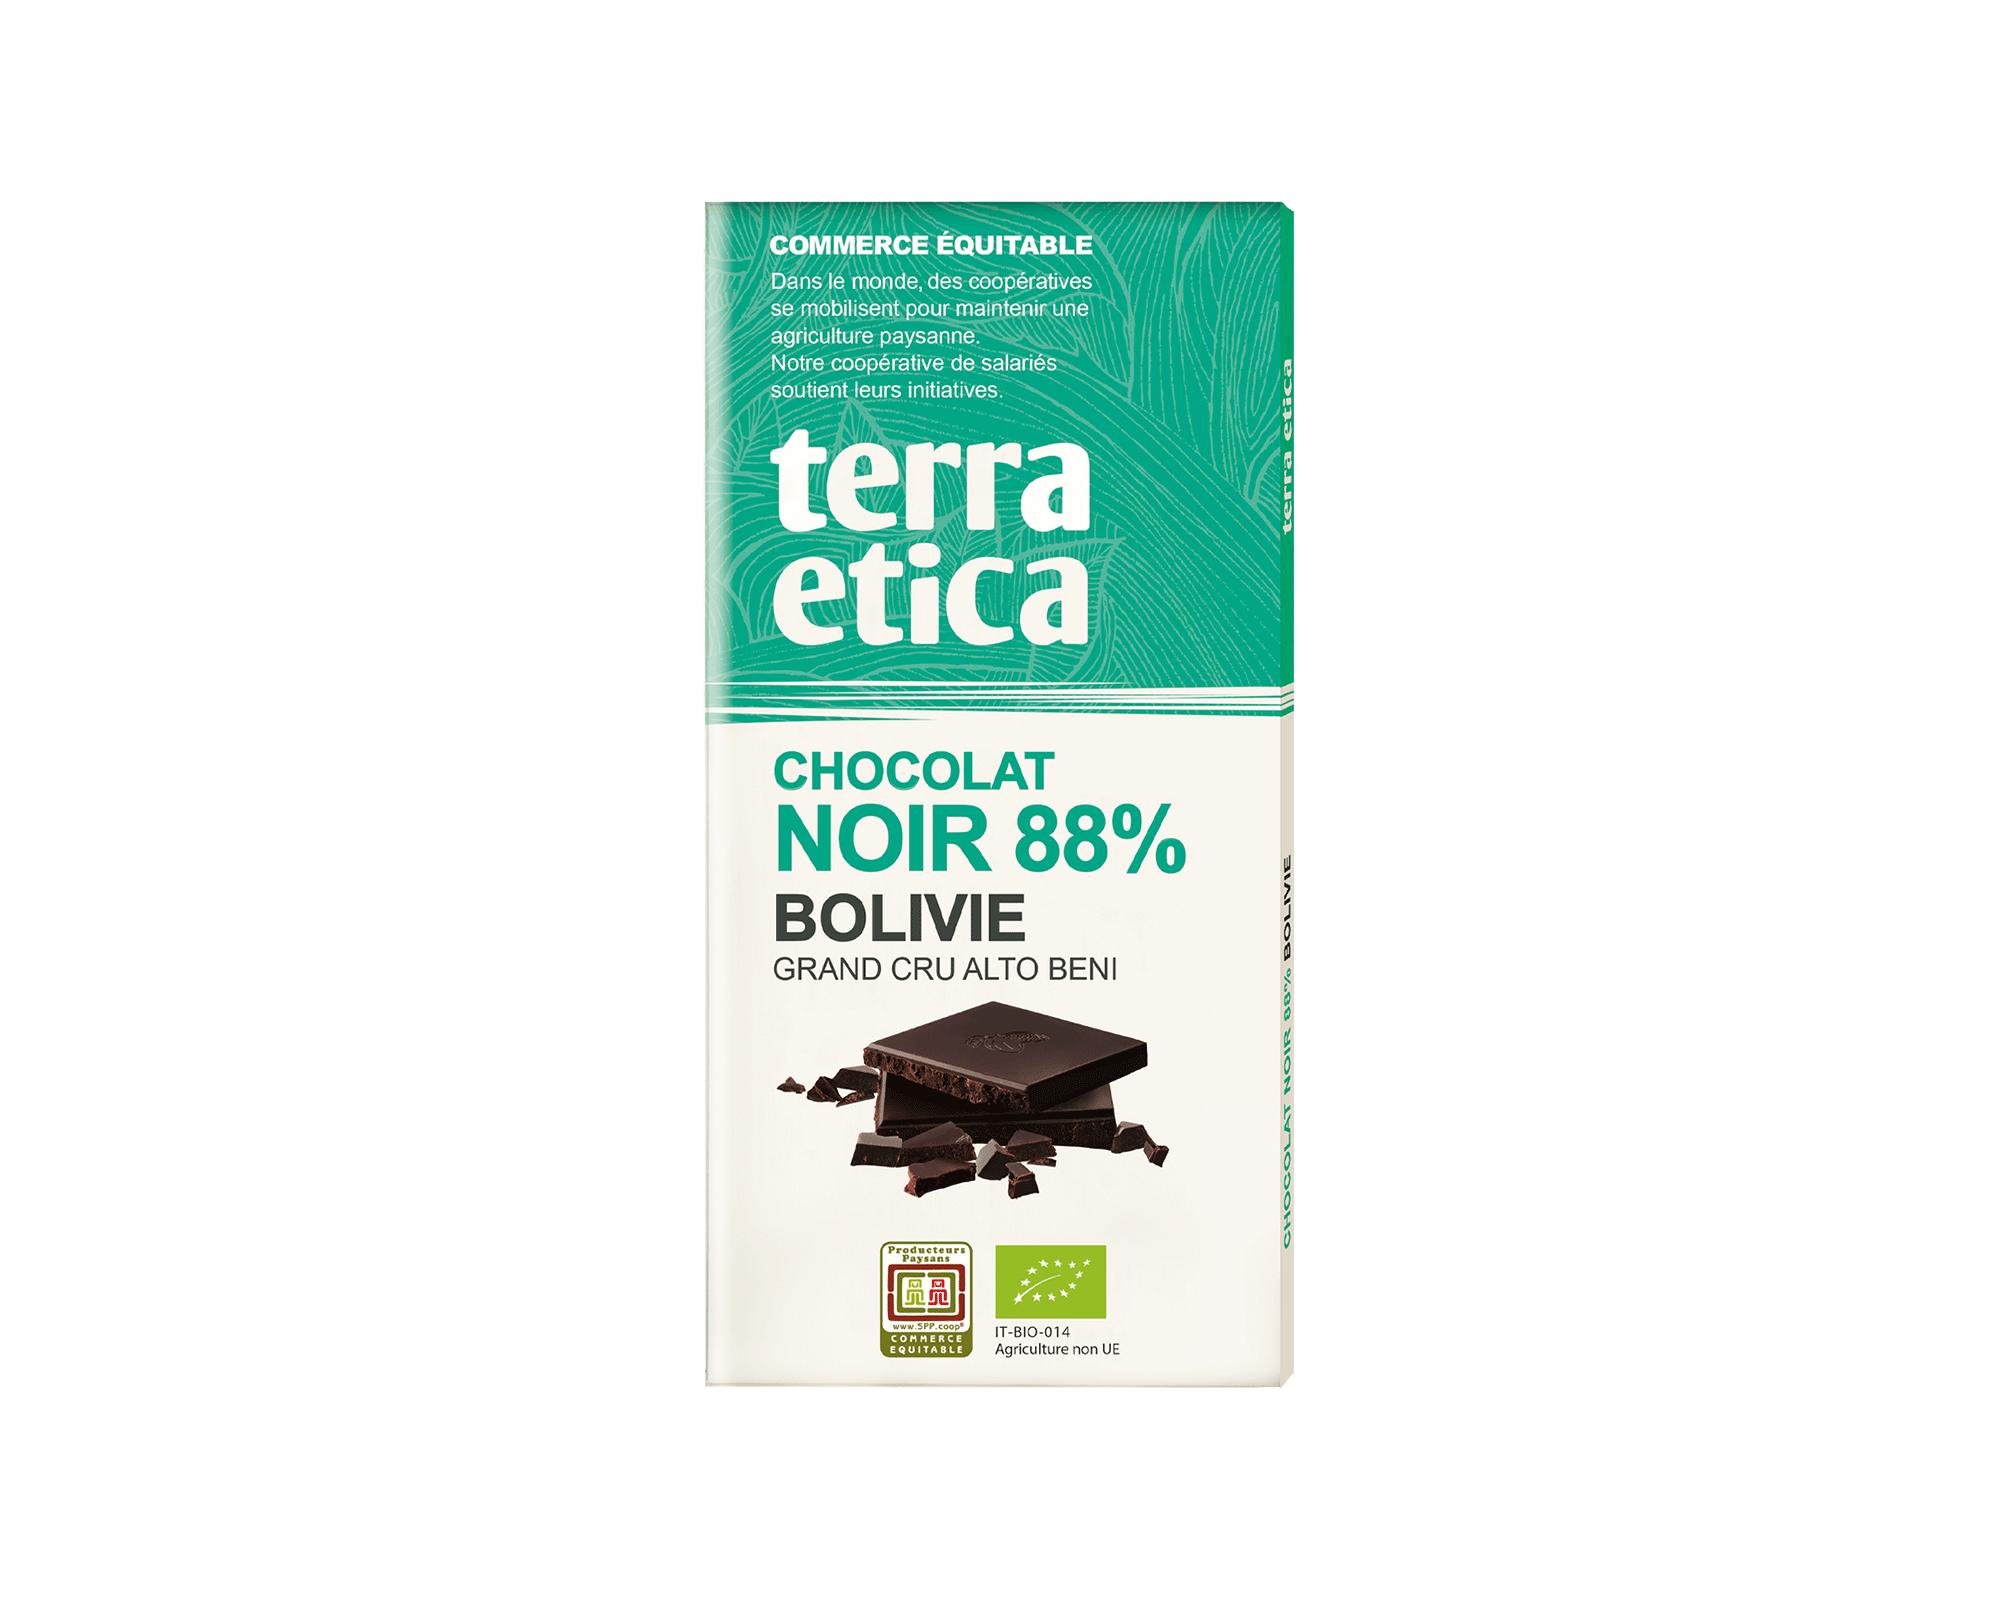 Chocolat Noir bio et équitable 88% Bolivie et Haïti I Terra Etica